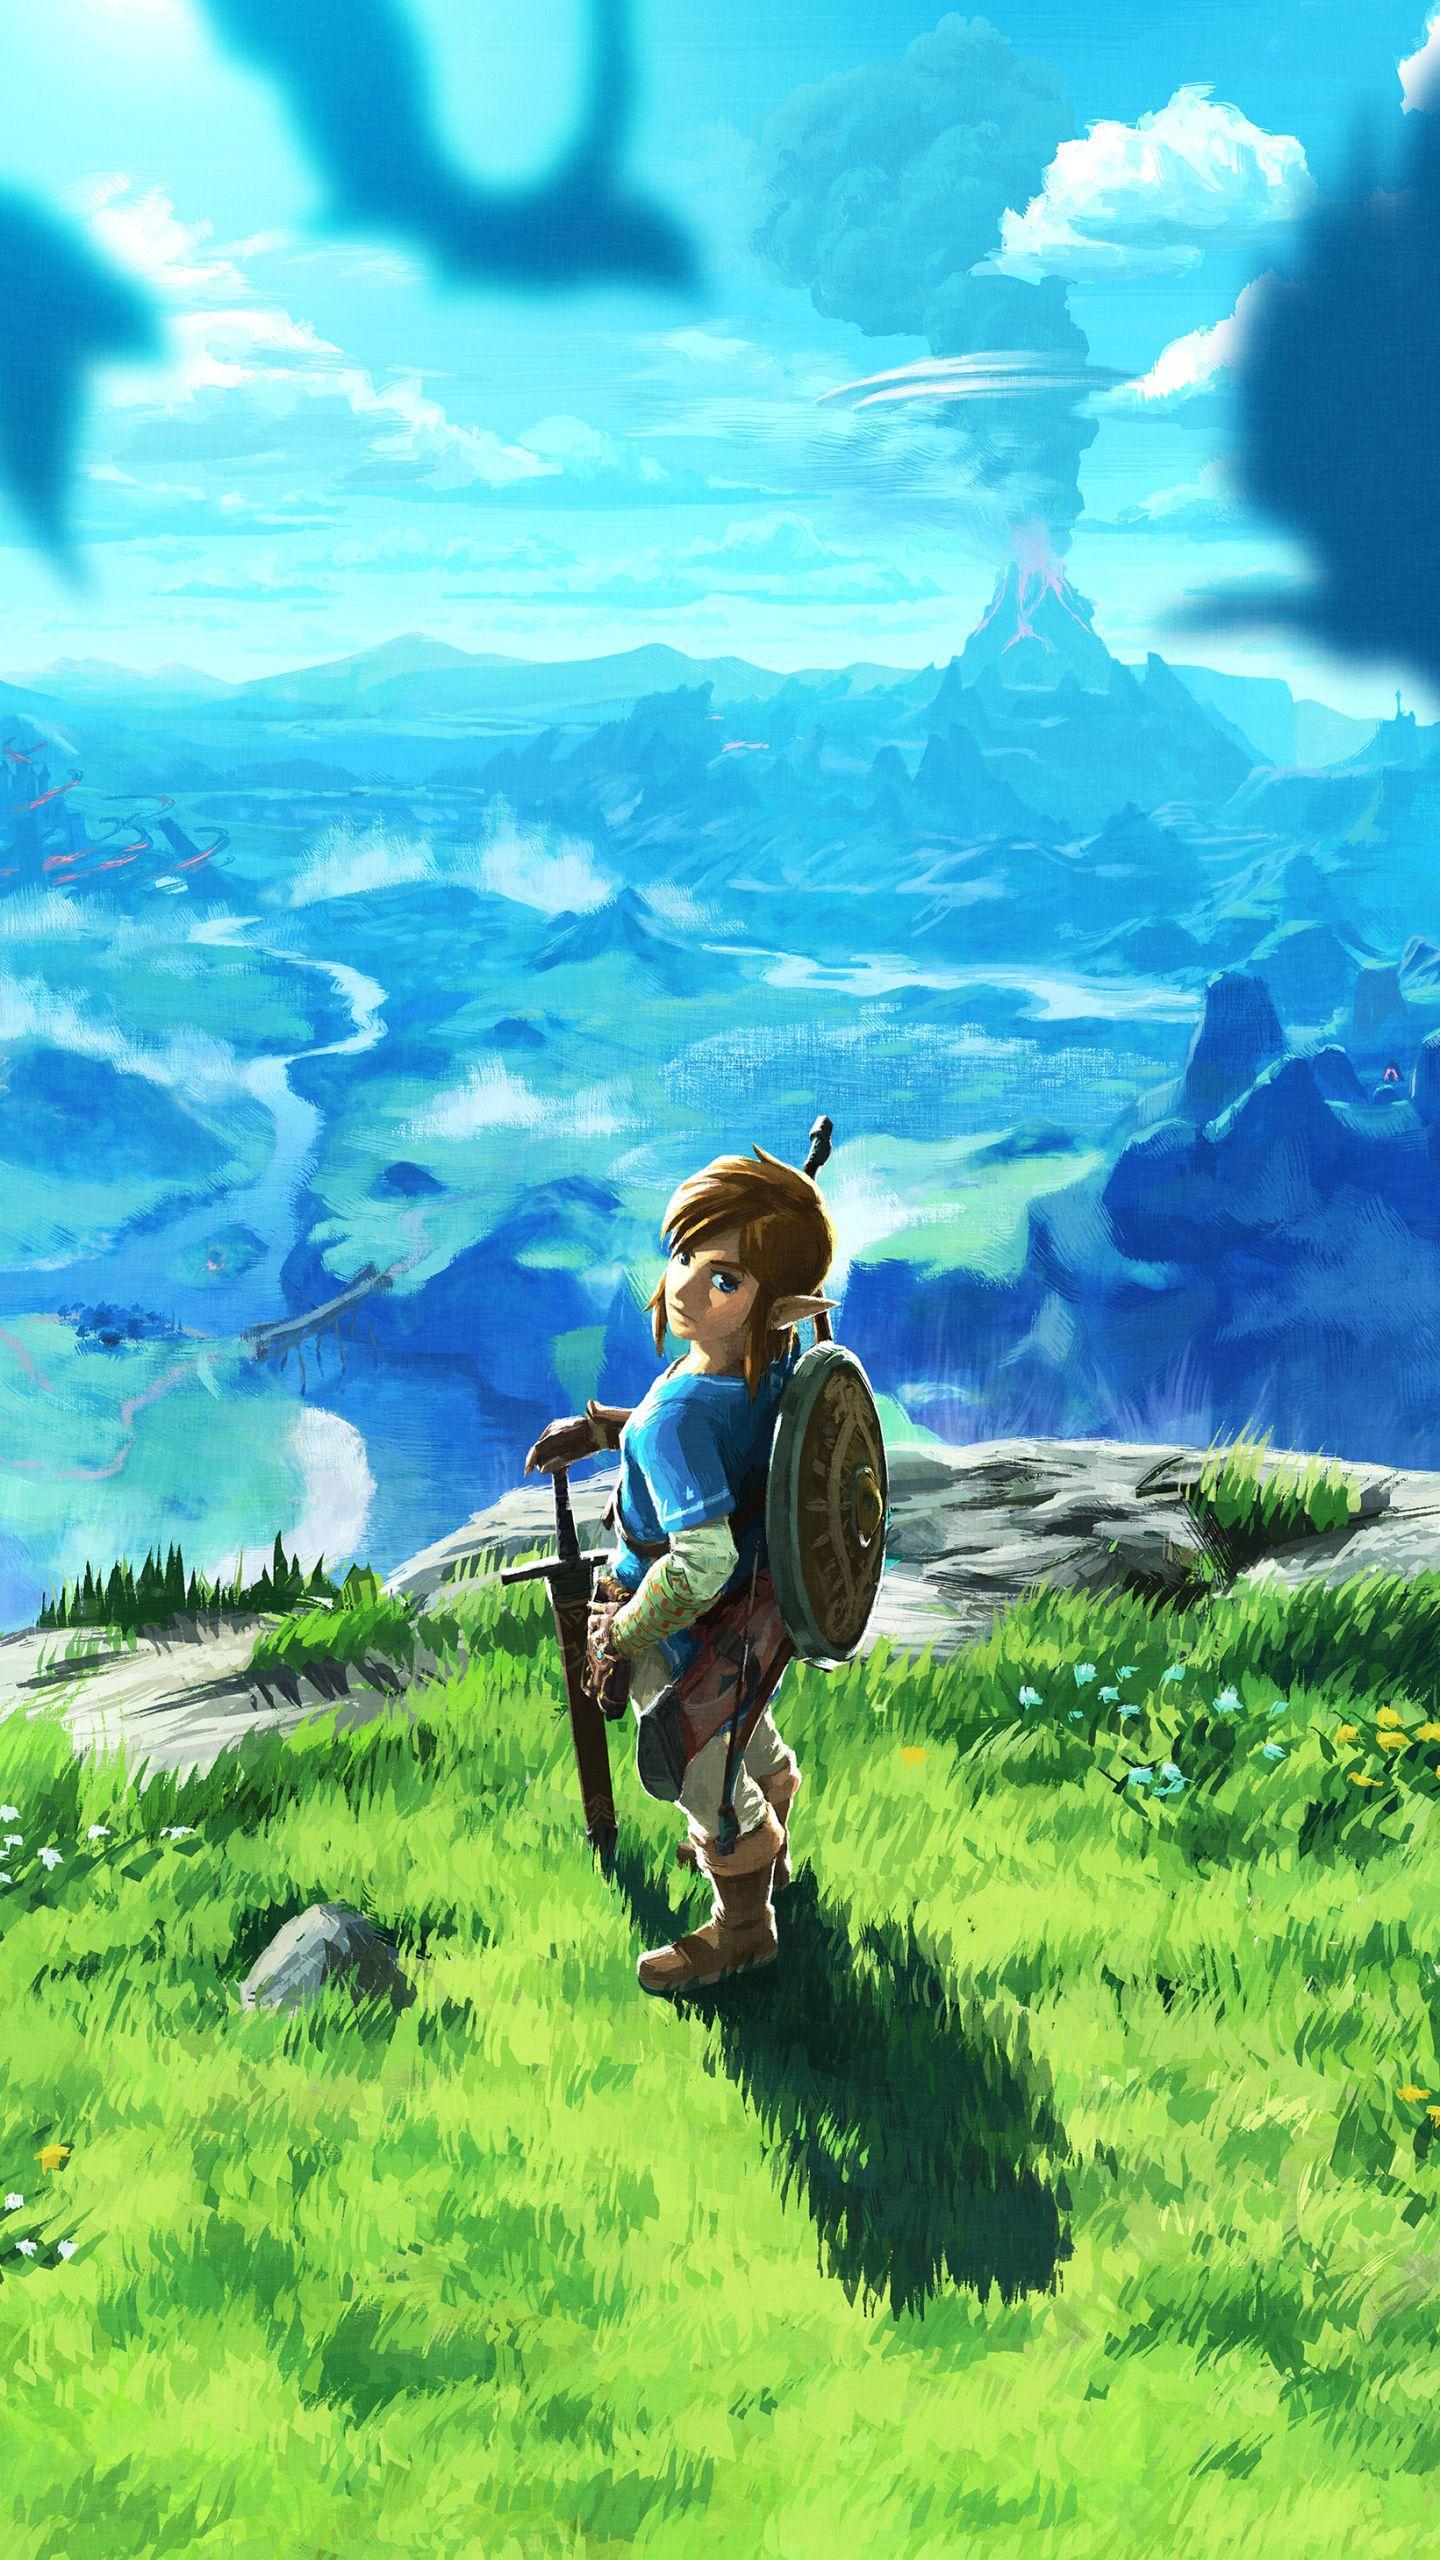 The Legend Of Zelda Iphone Wallpapers Top Free The Legend Of Zelda Iphone Backgrounds Wallpaperaccess